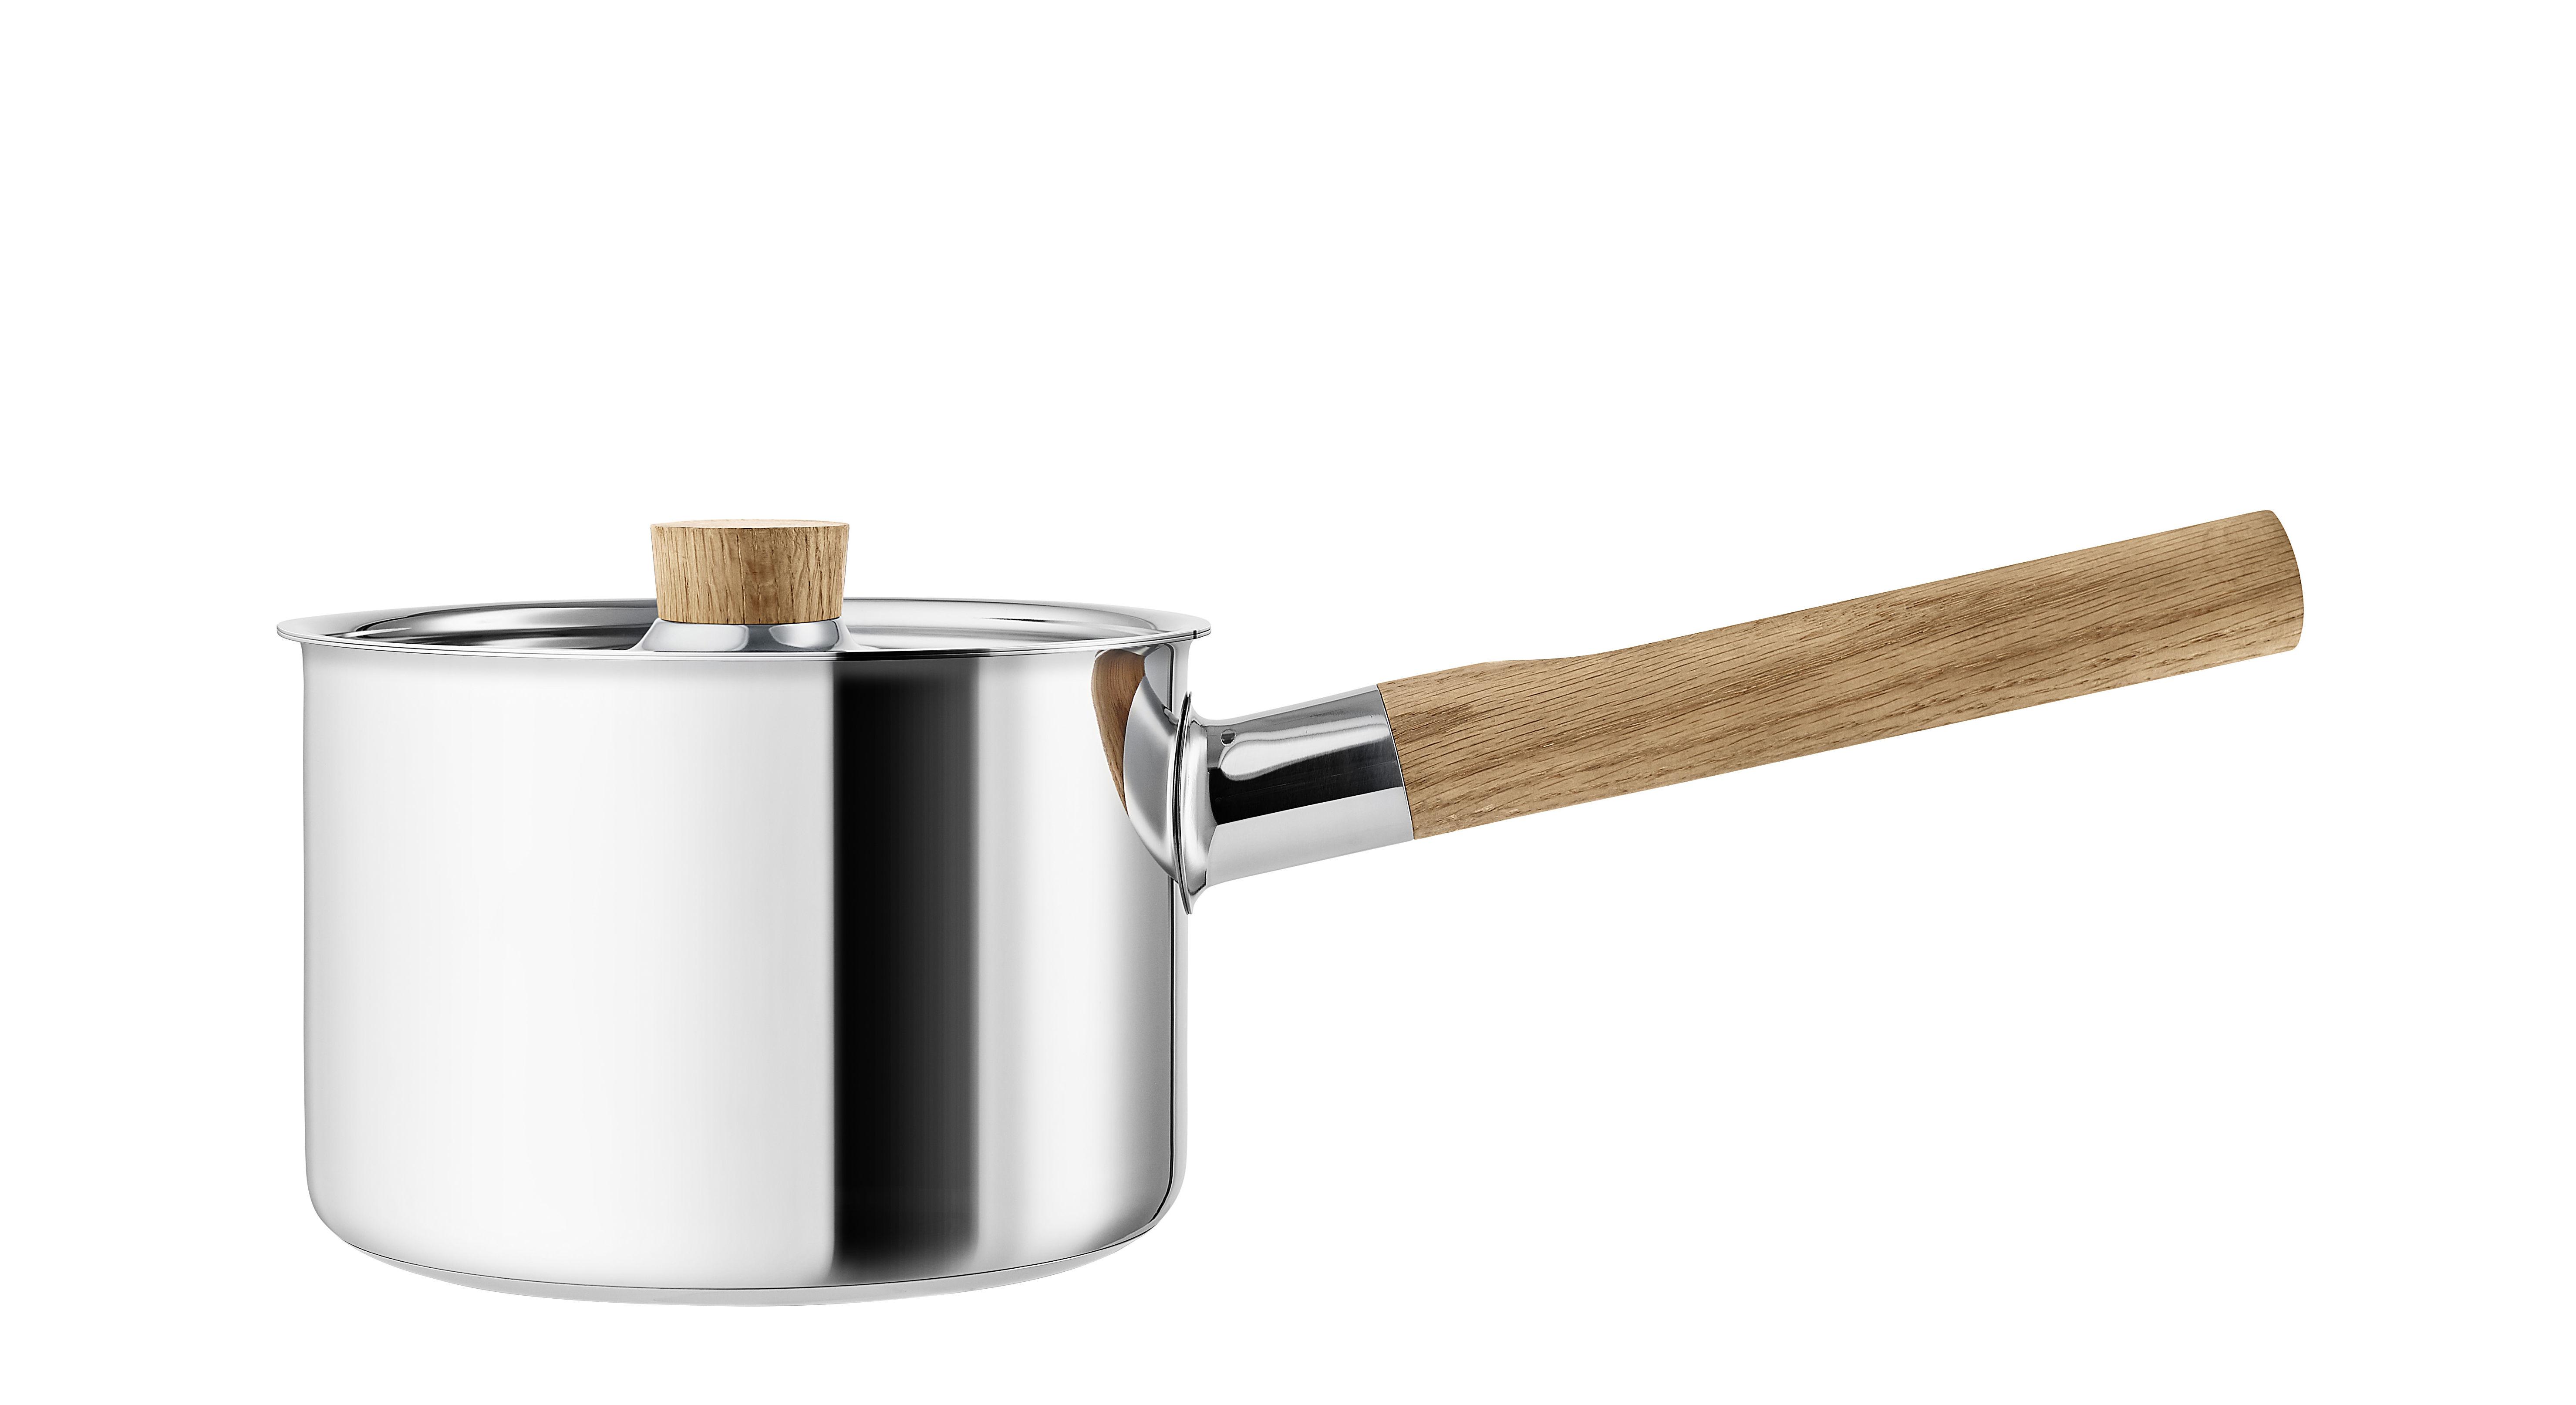 Casserole nordic kitchen eva solo inox ch ne h 13 5 x 16 made in design for Porte couvercle casserole